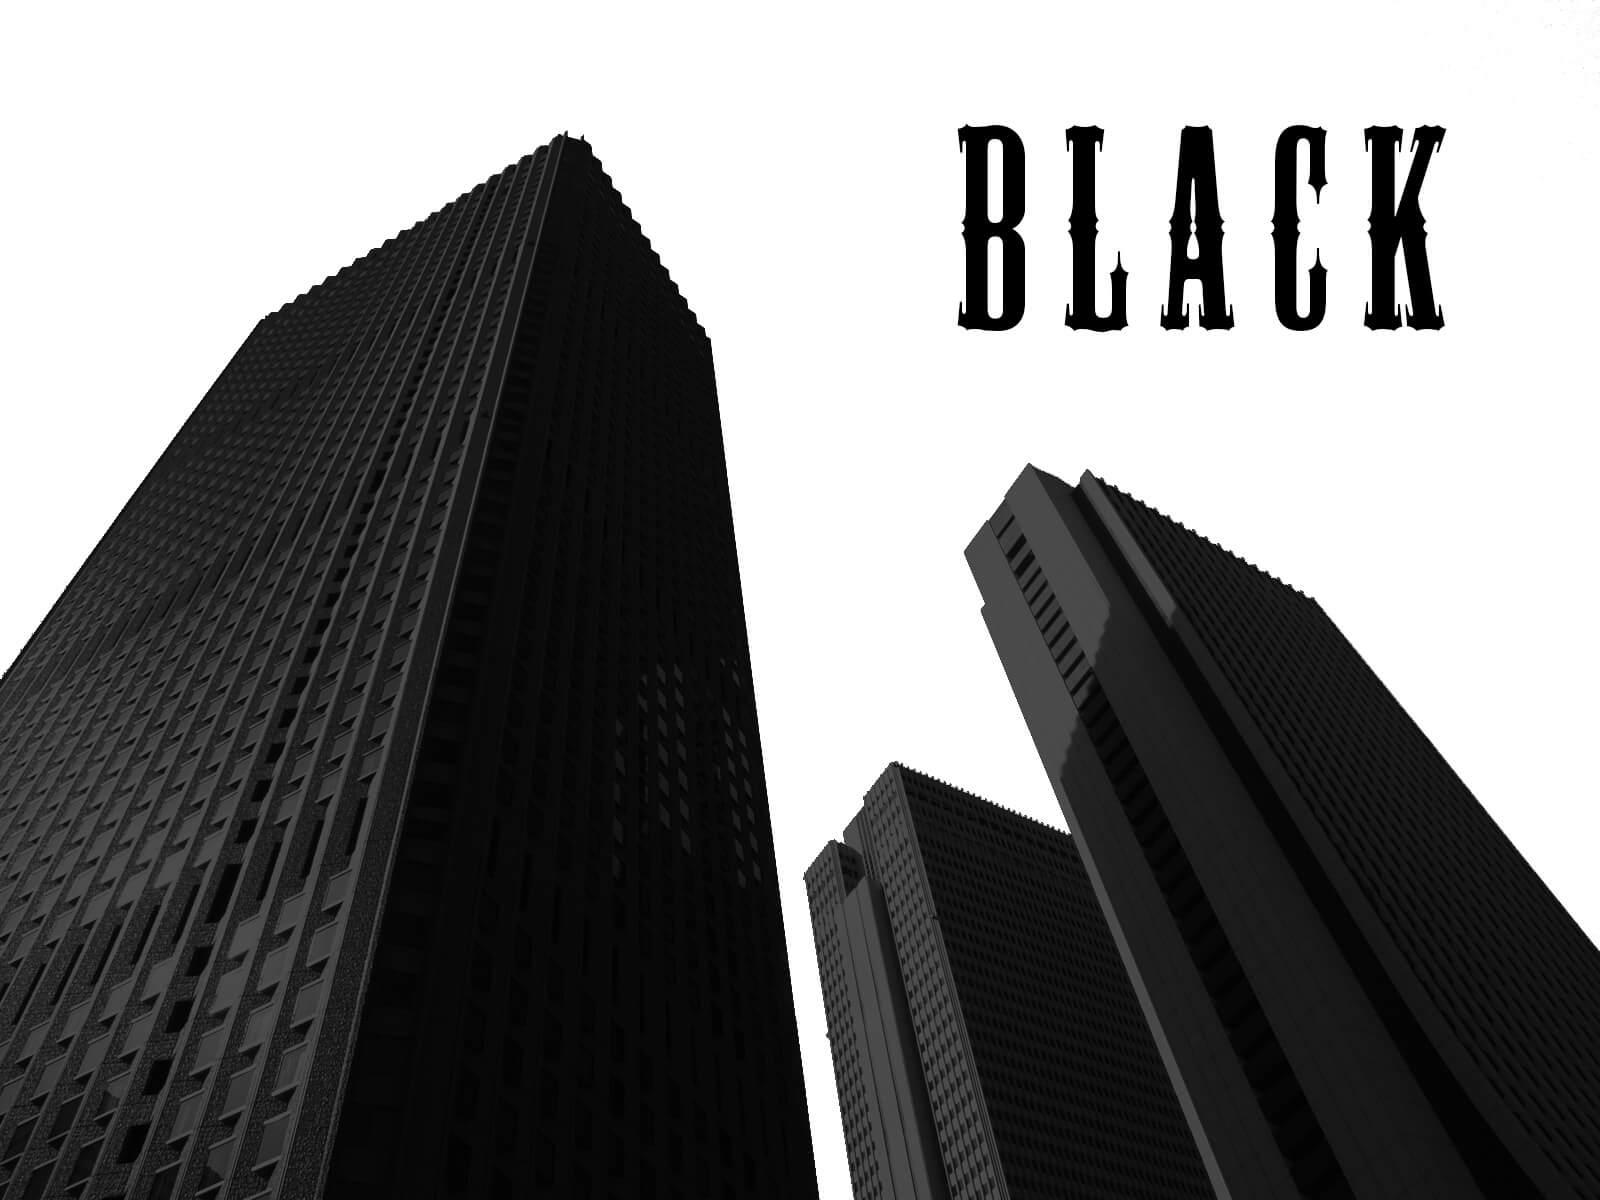 俺が出会ったブラック企業